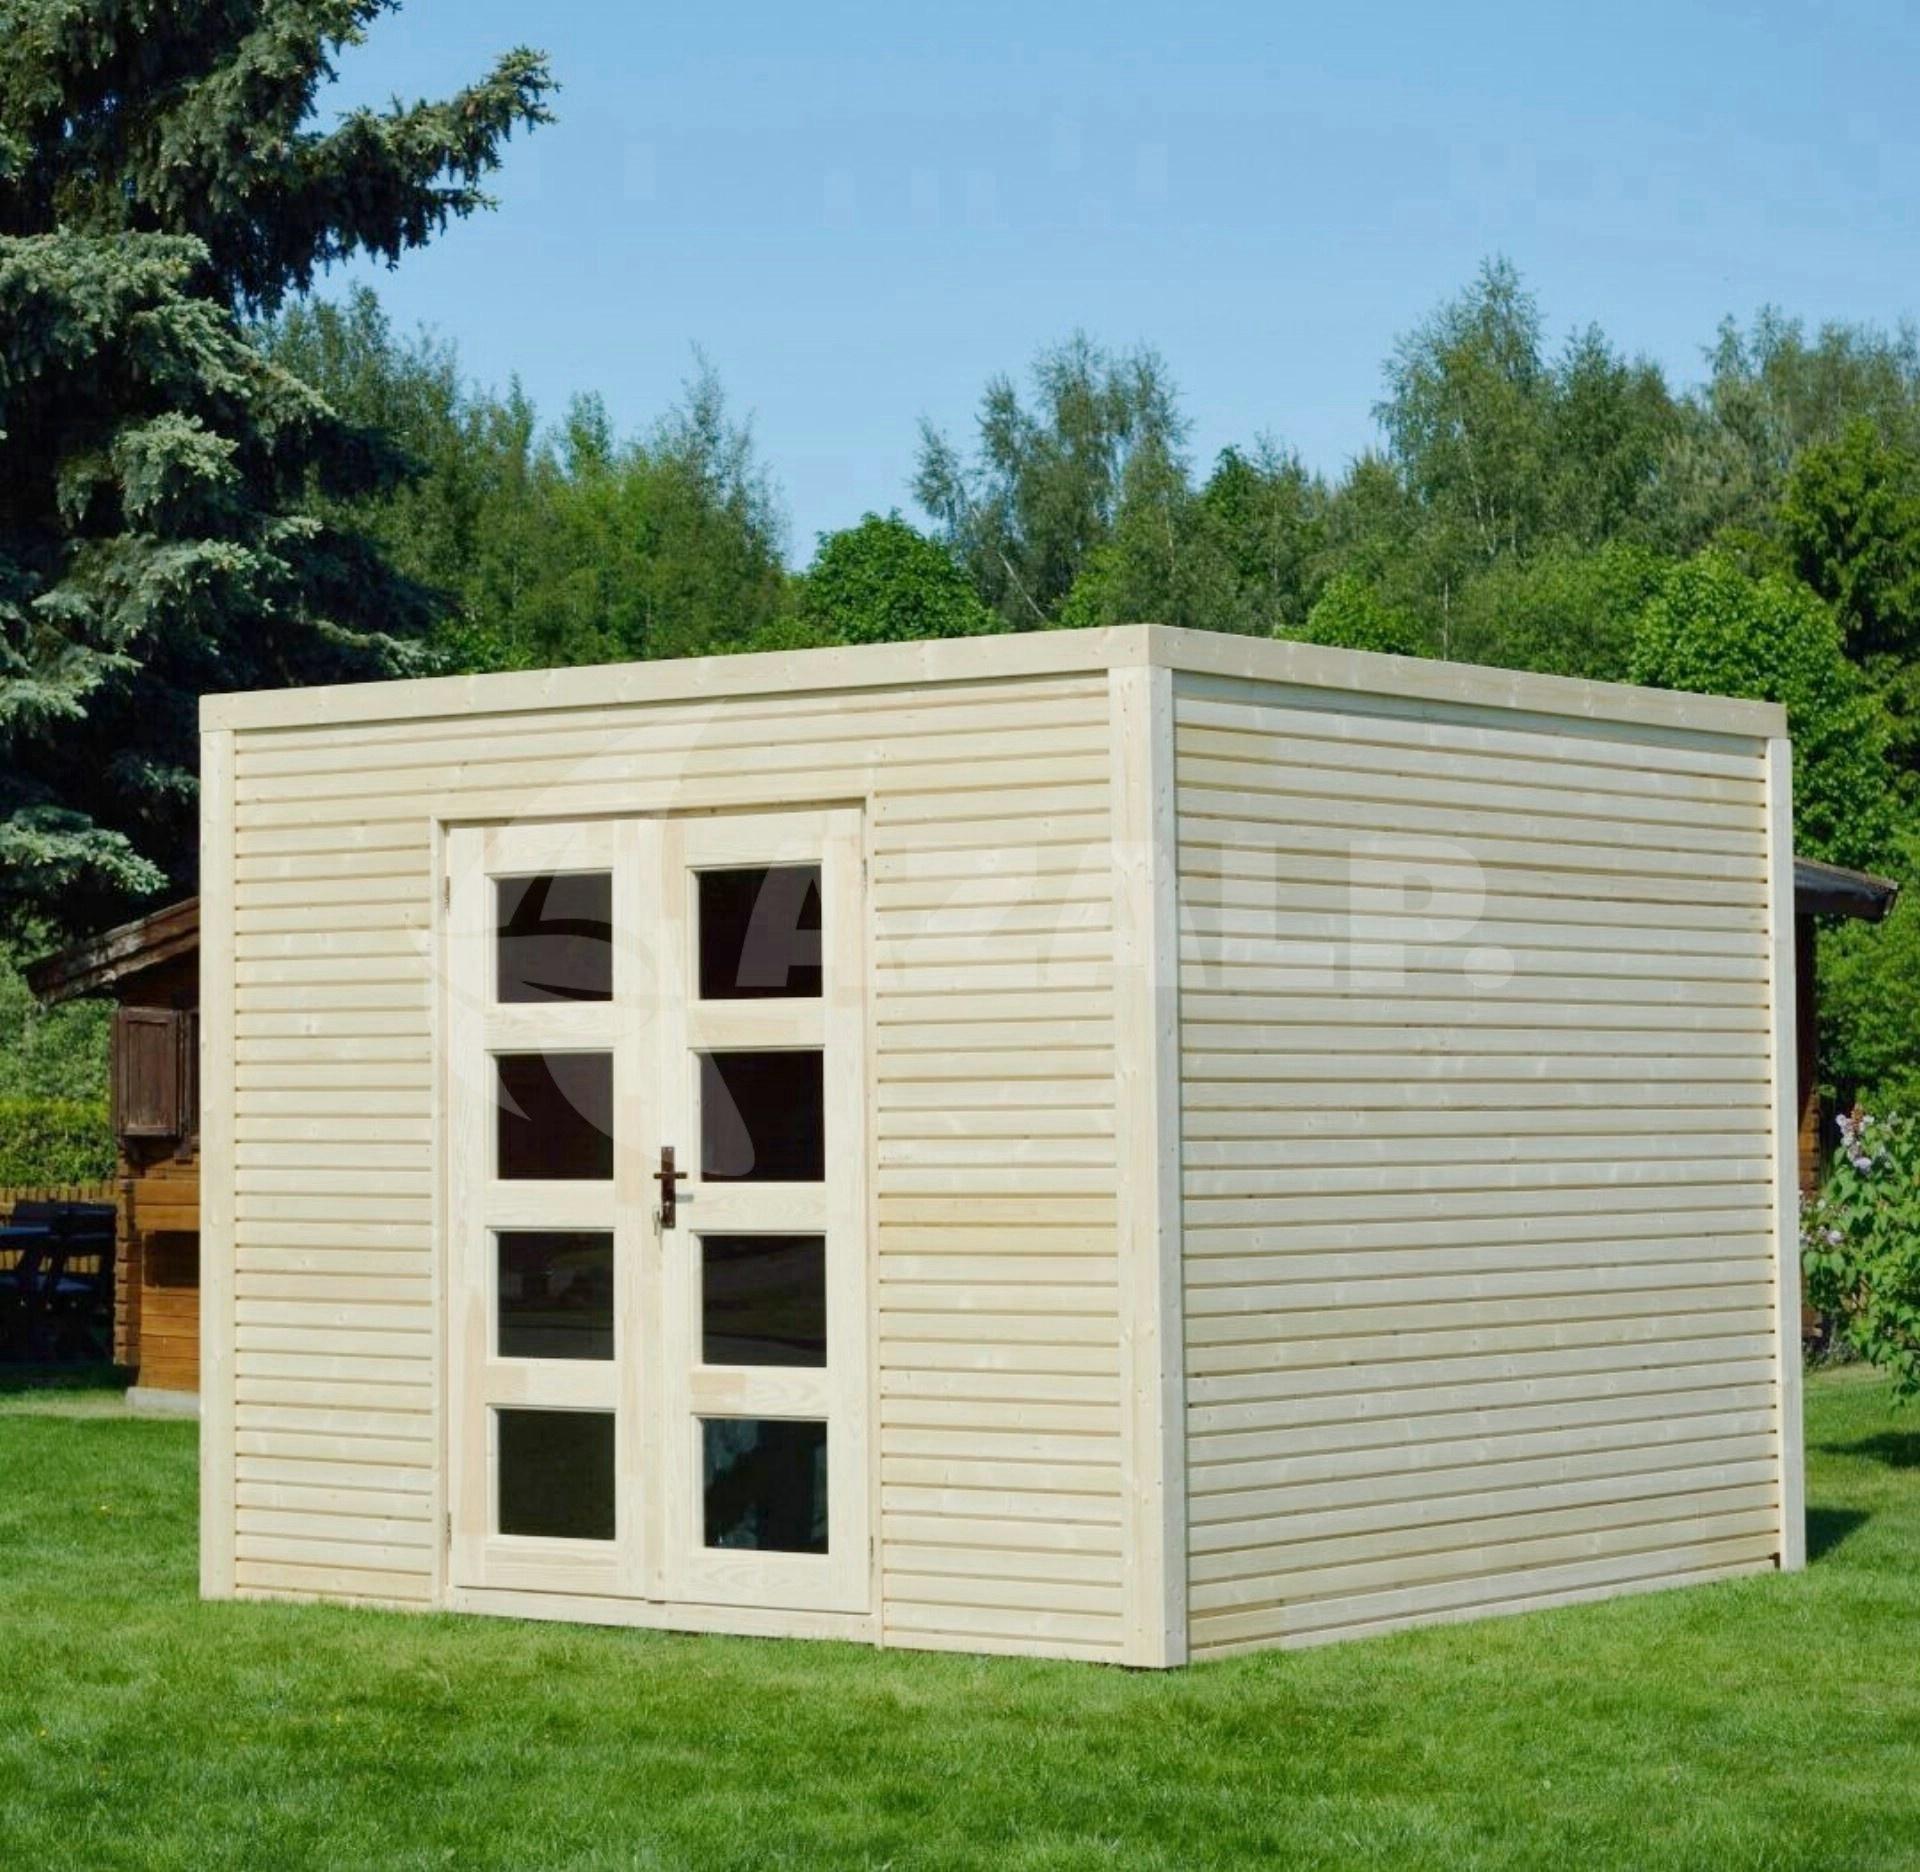 smartshed gartenhaus ligne 250x300 cm kaufen bei. Black Bedroom Furniture Sets. Home Design Ideas